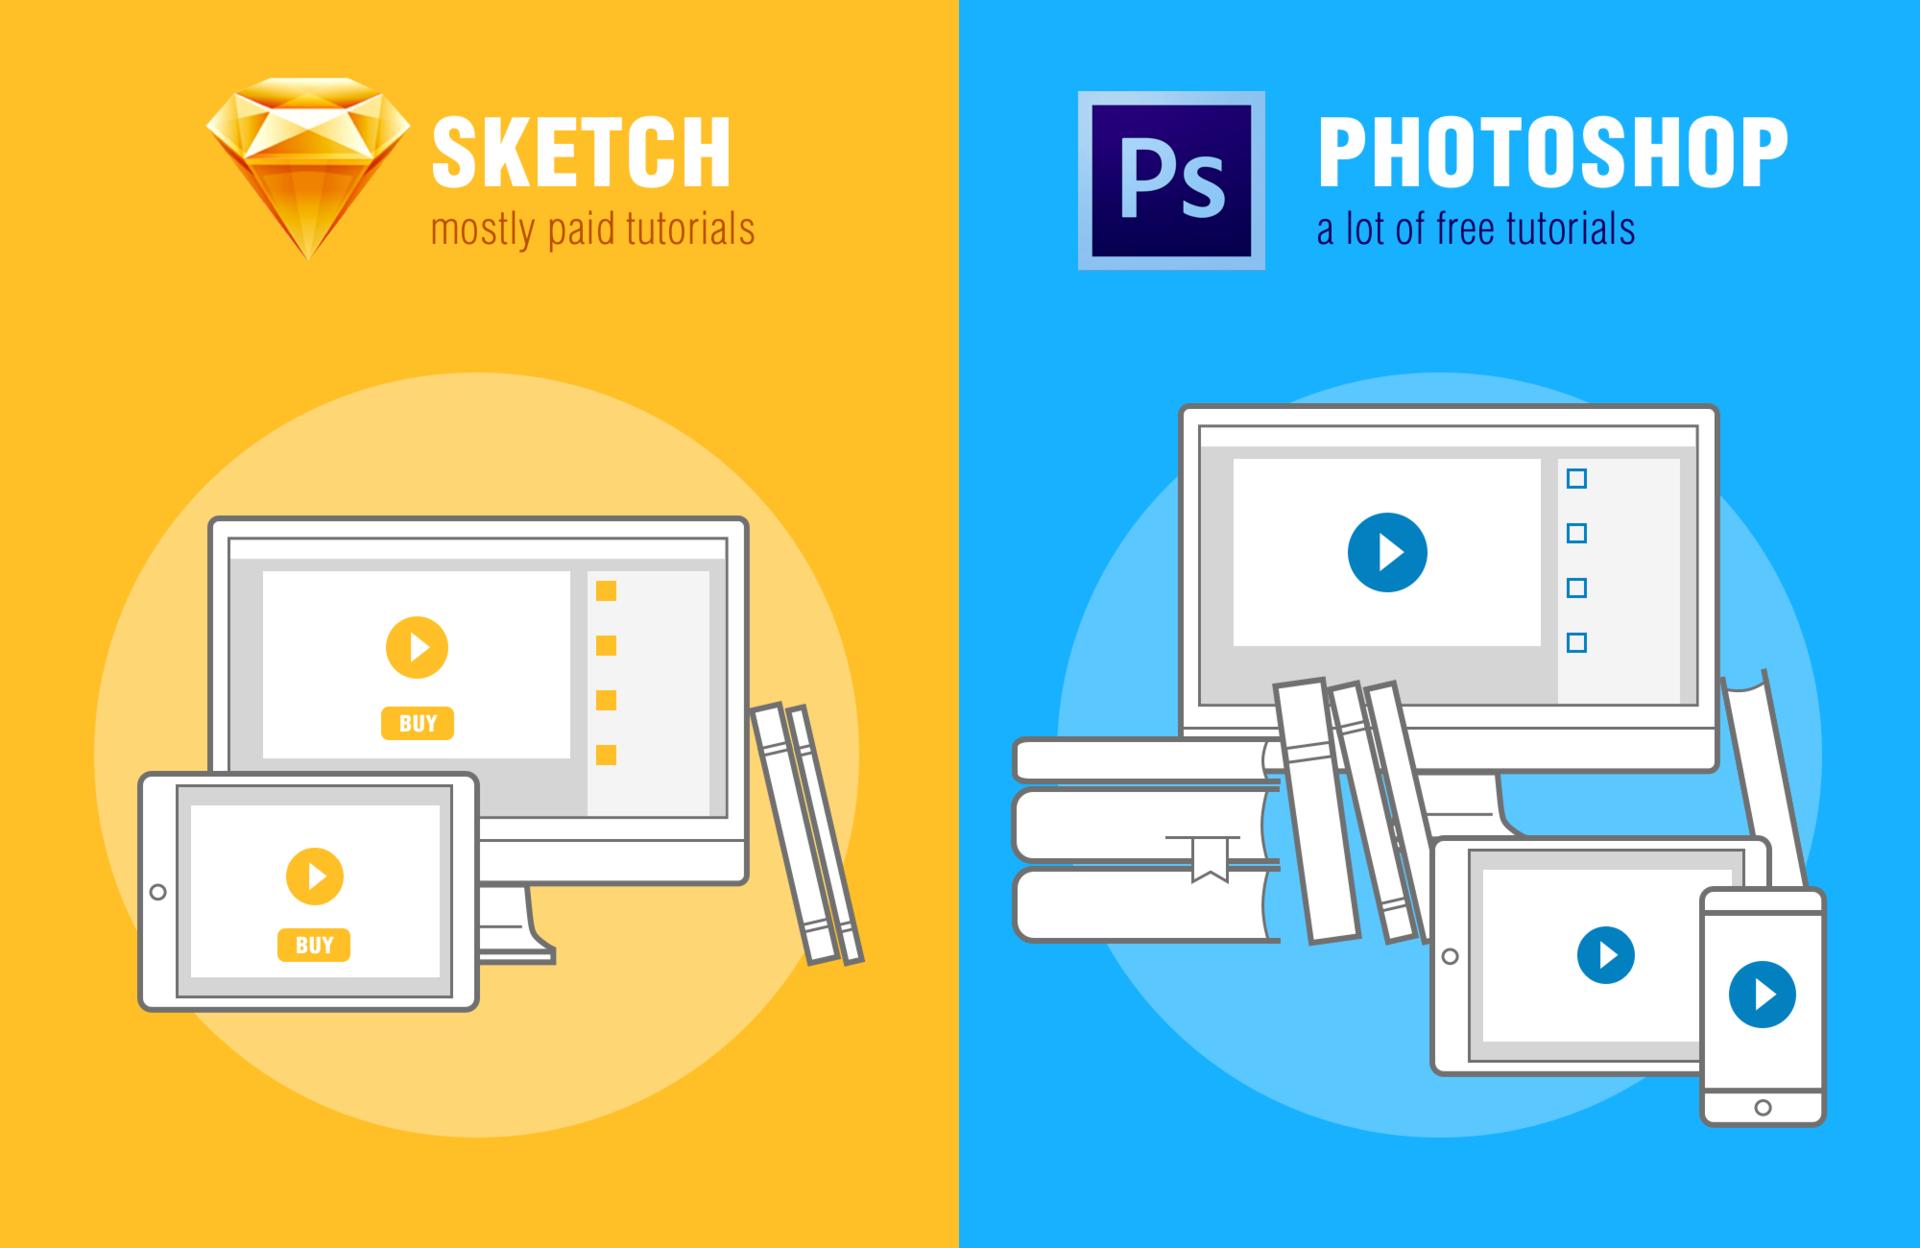 Photoshop, Sketch инструментарий UI-UX-дизайнеров: что выбрать для разработки интерфейсов? - 7